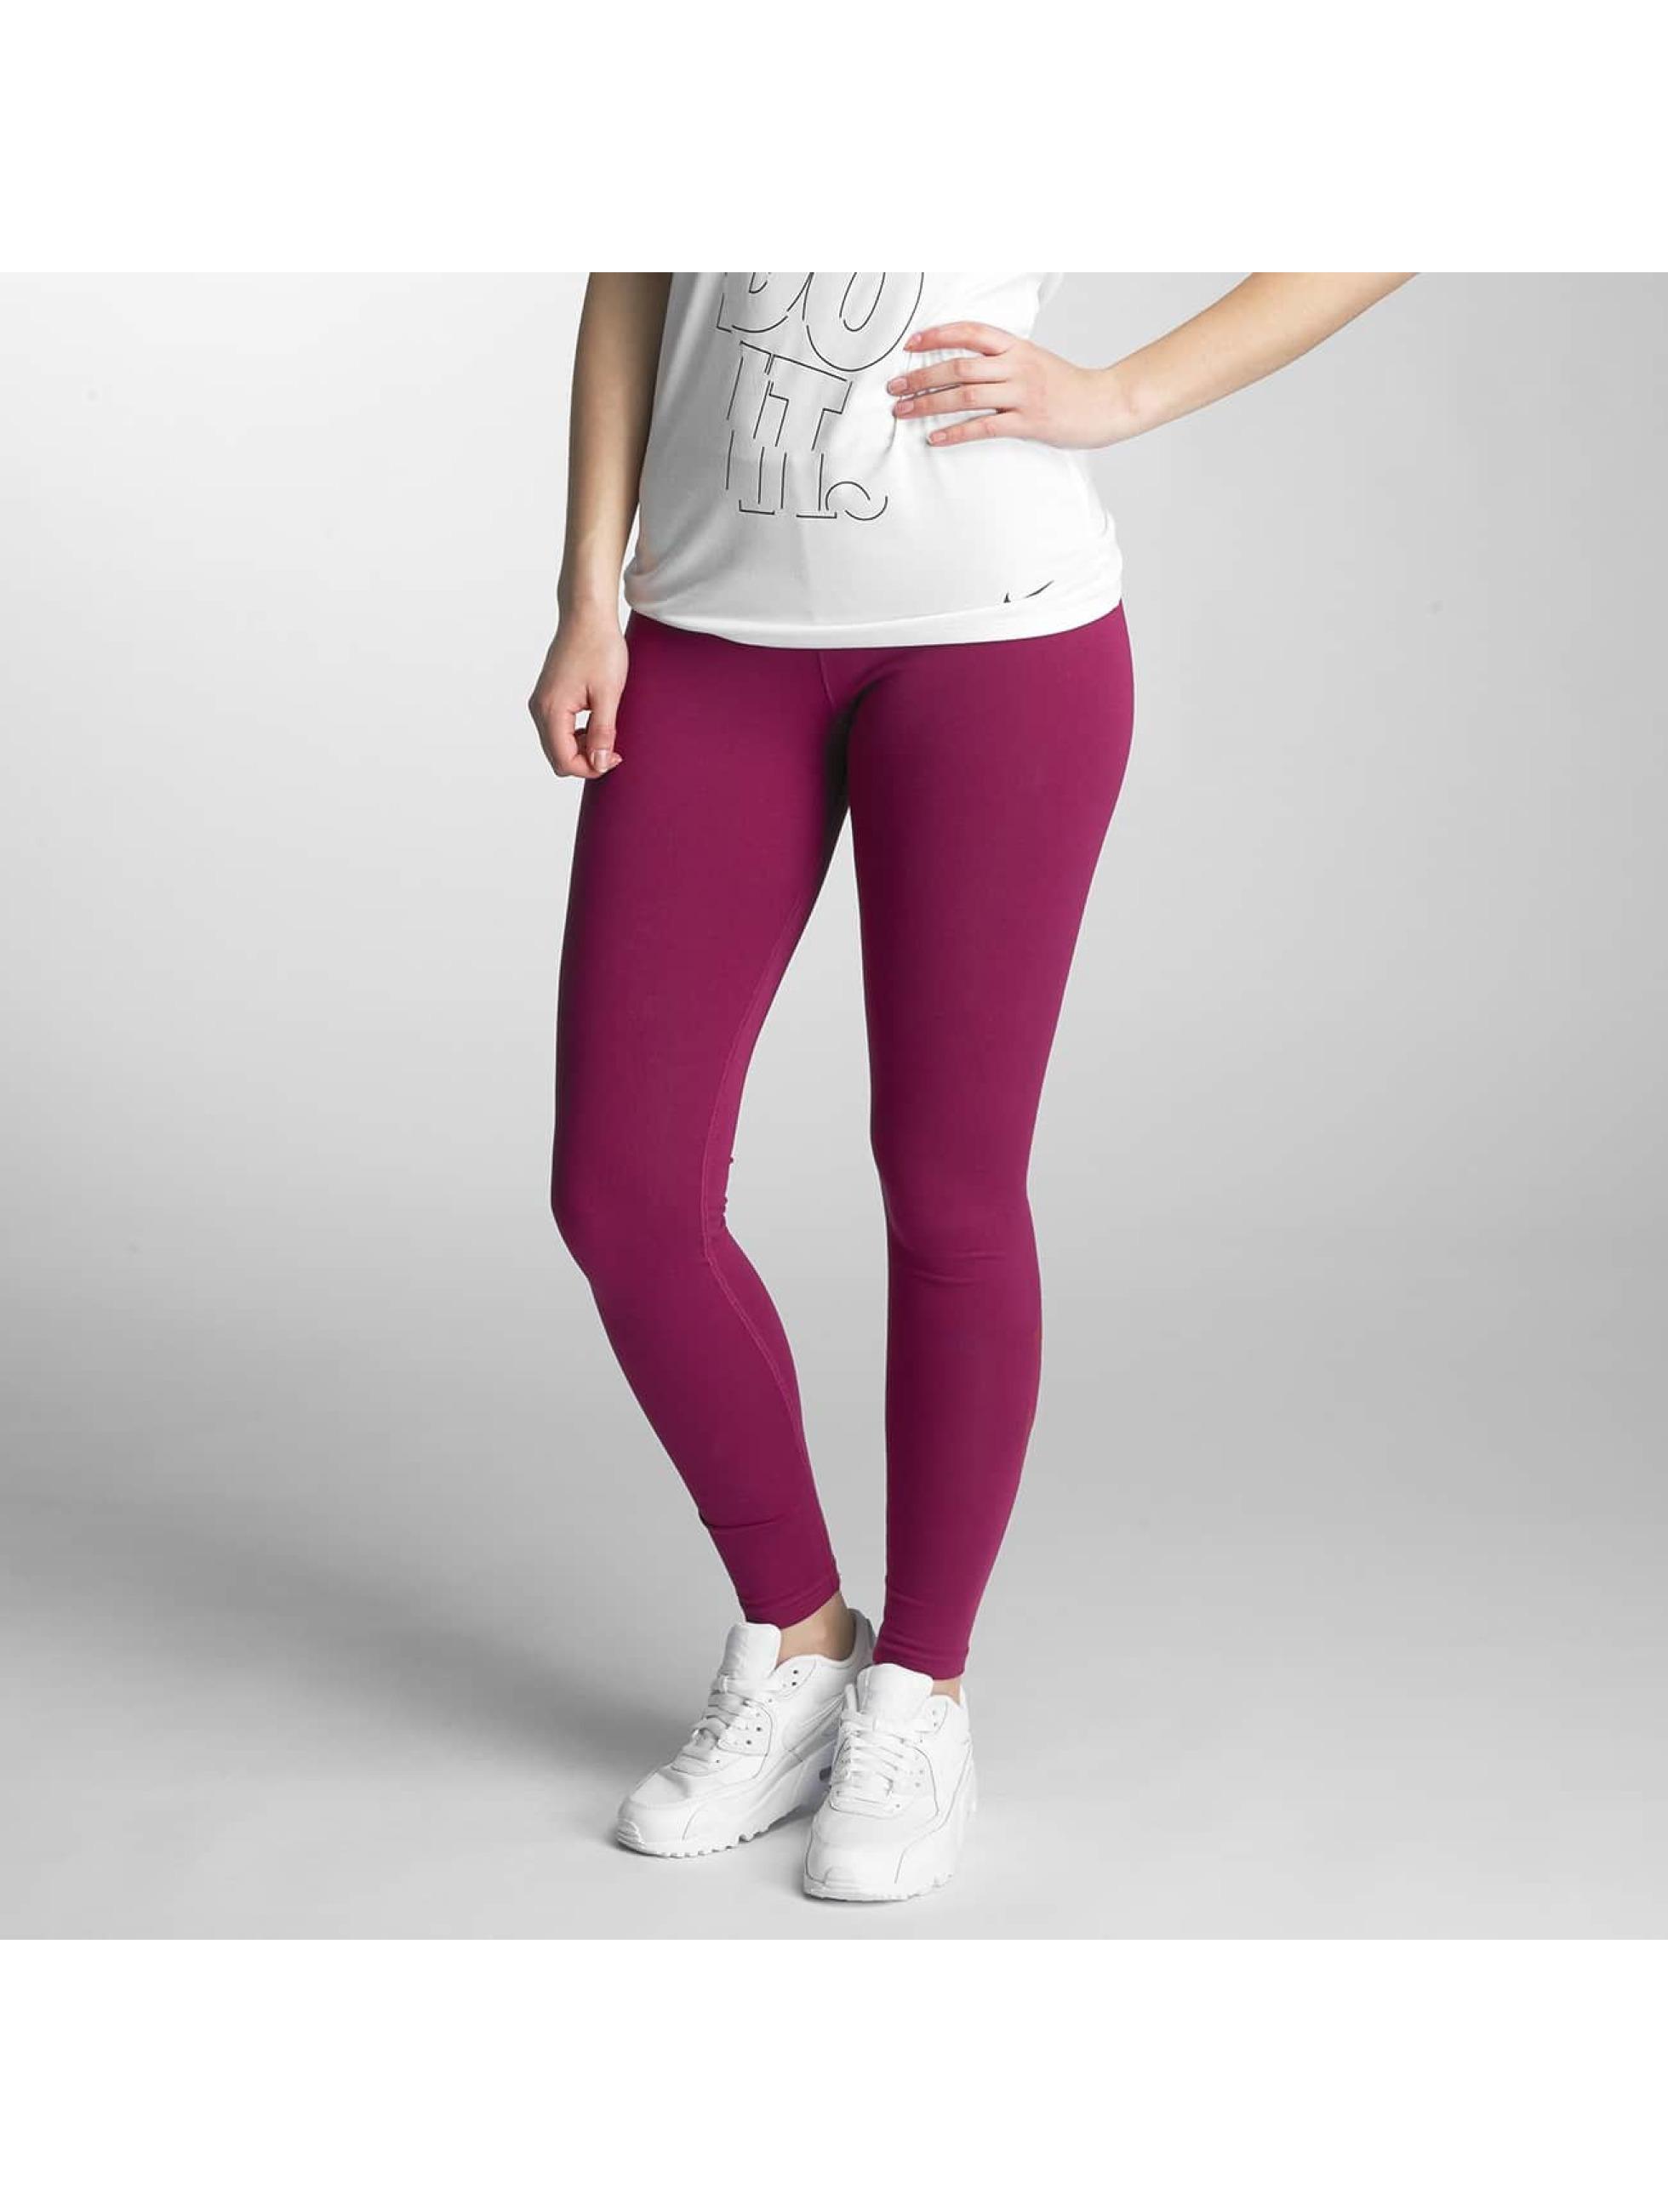 Nike Legíny/Tregíny Leg-A-See  Logo pink